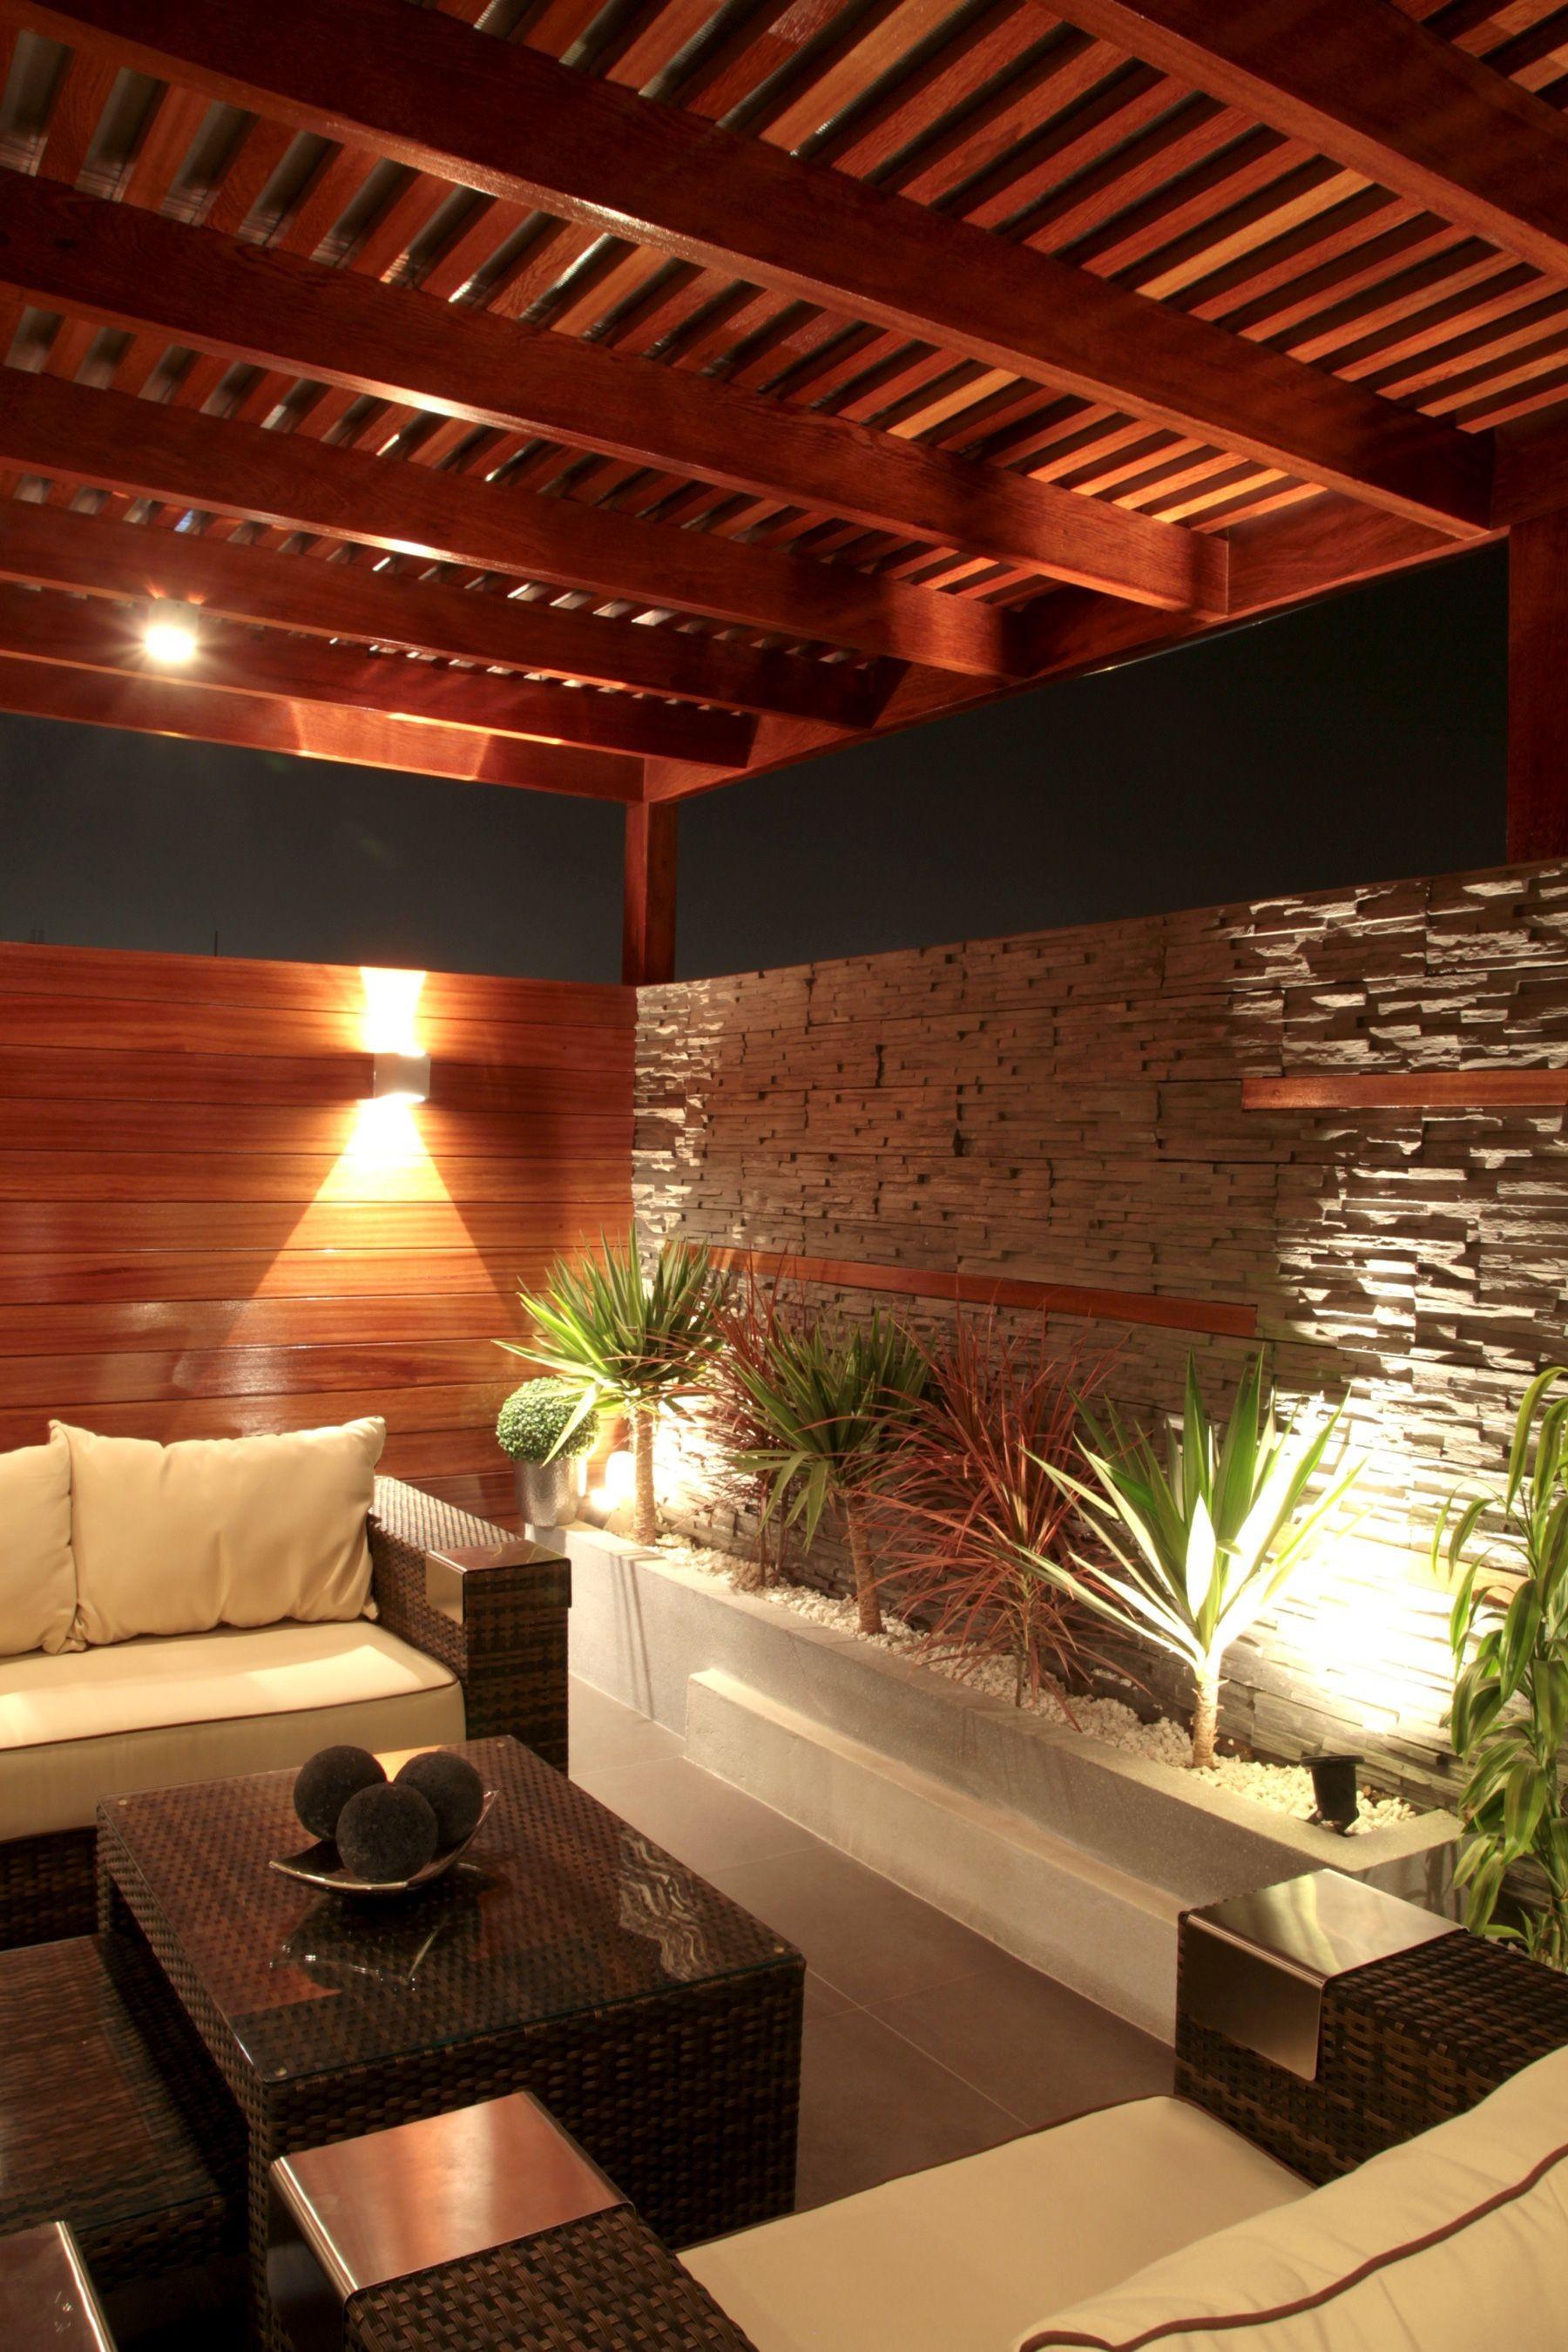 los estupendo iluminacion jardines leds a favor de fascinador las amable iluminacion para jardines plan hasta decorar sus hogar dibujo para iluminacion